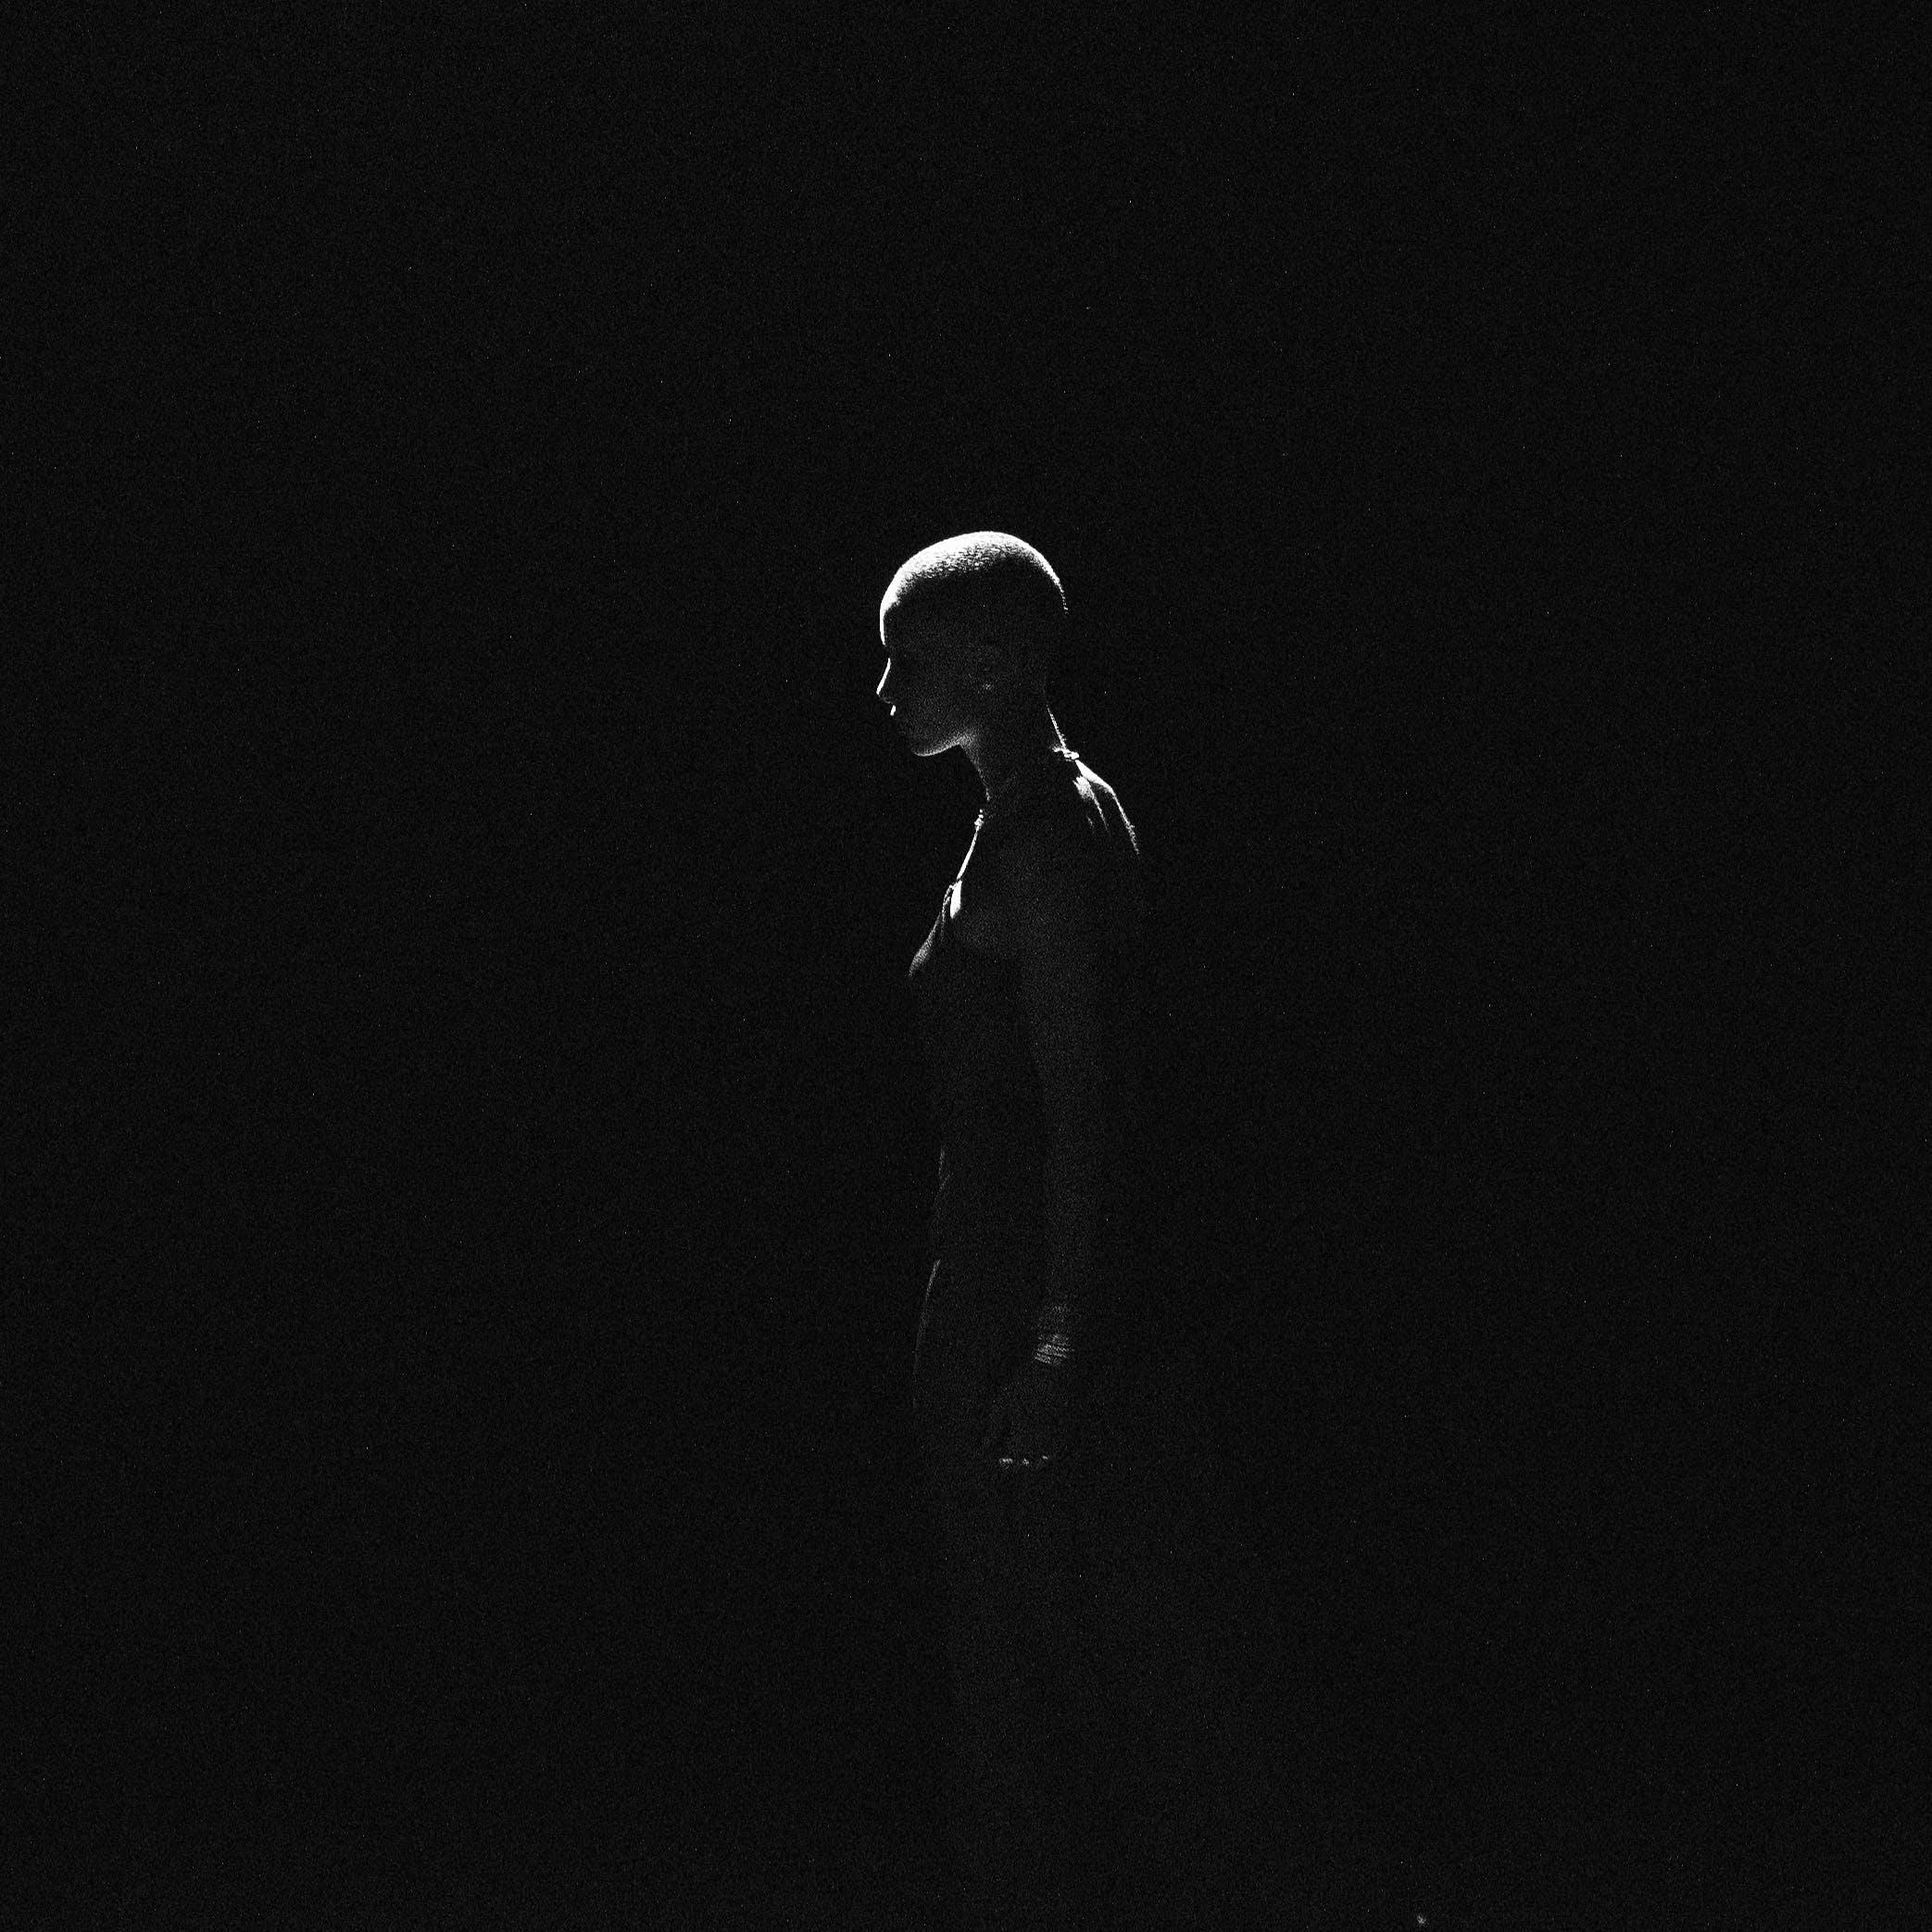 Kostenloses Stock Foto zu frau, licht, schwarzer hintergrund, seitenansicht